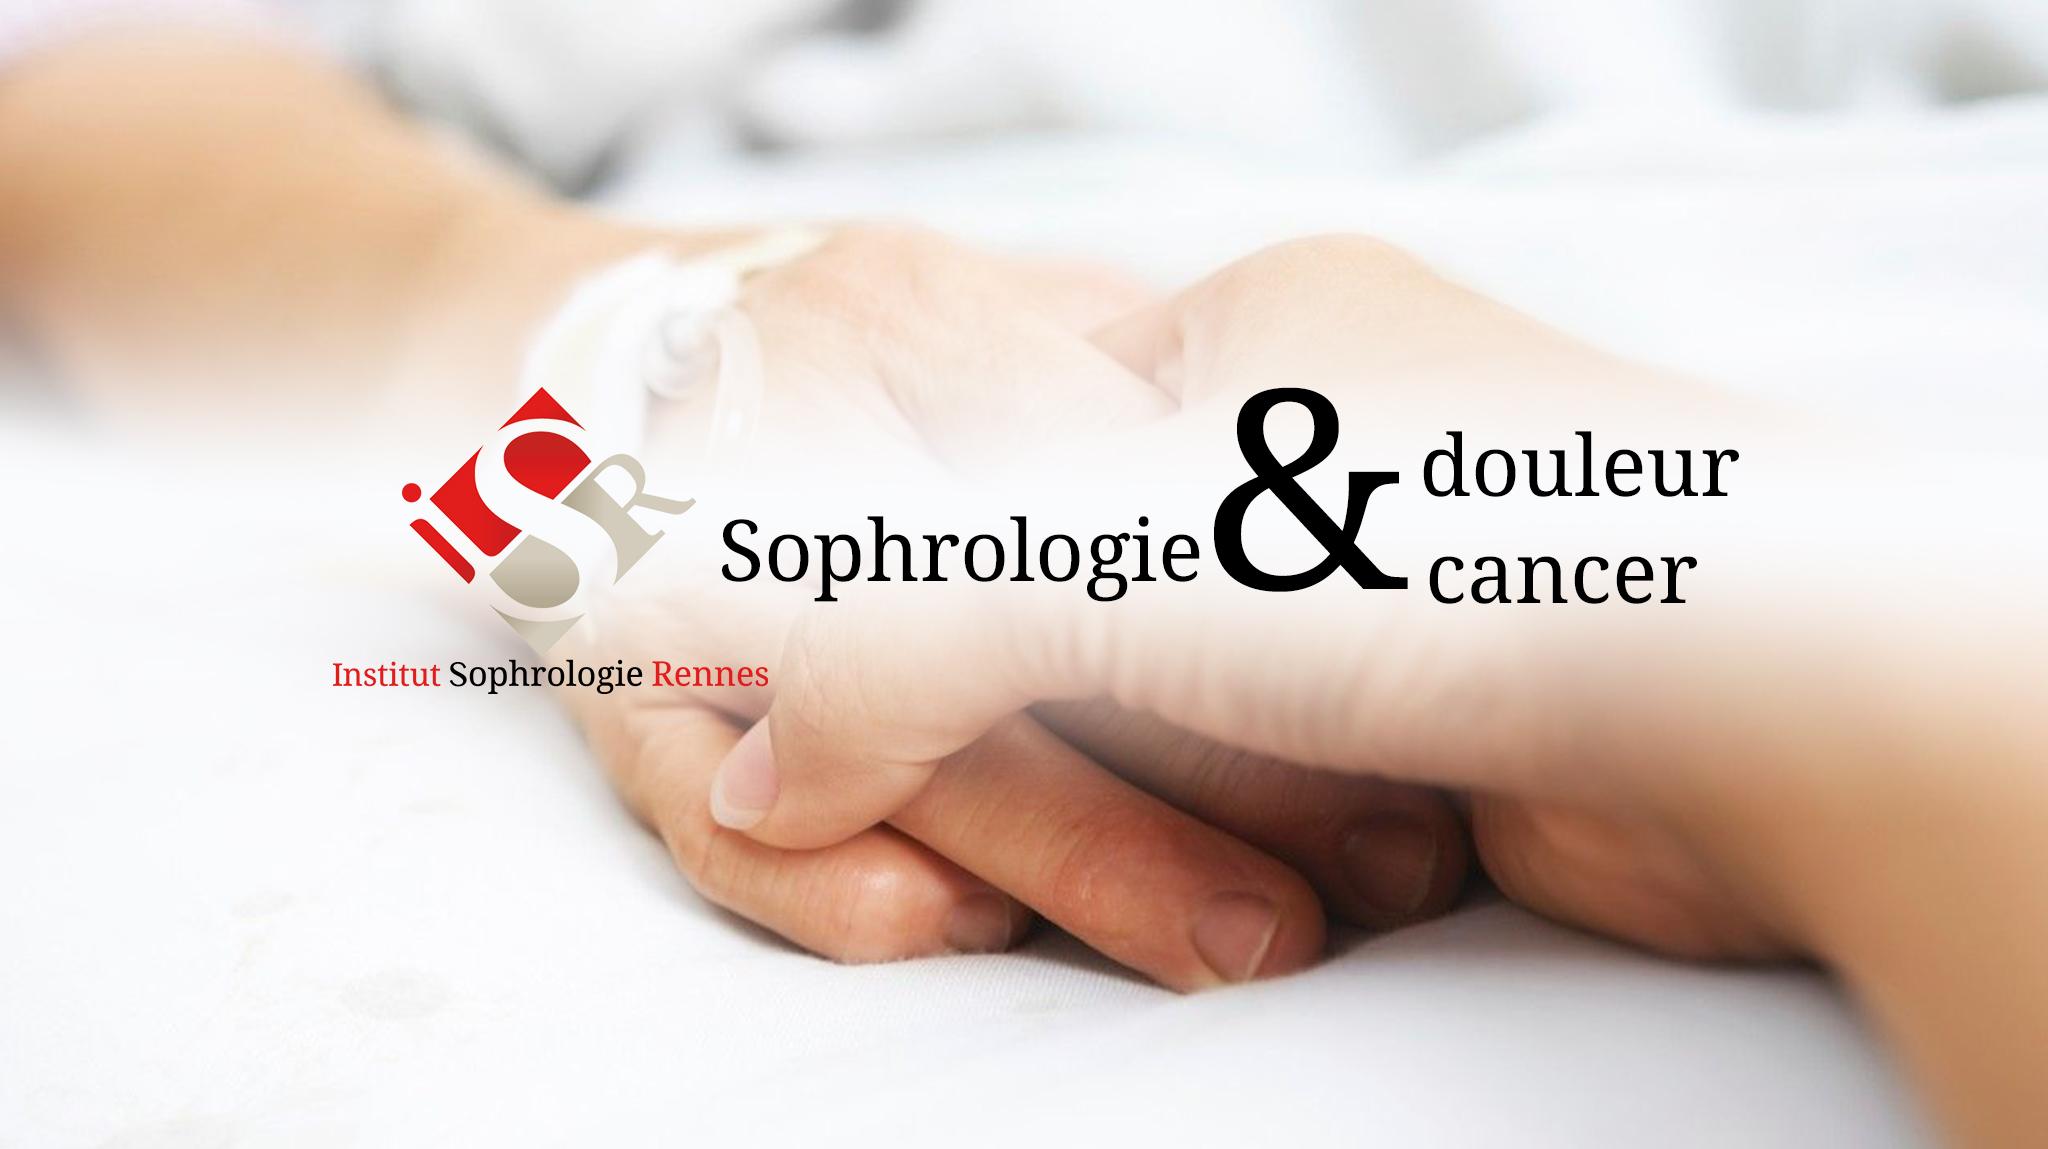 Sophrologie douleur et sophrologie cancer